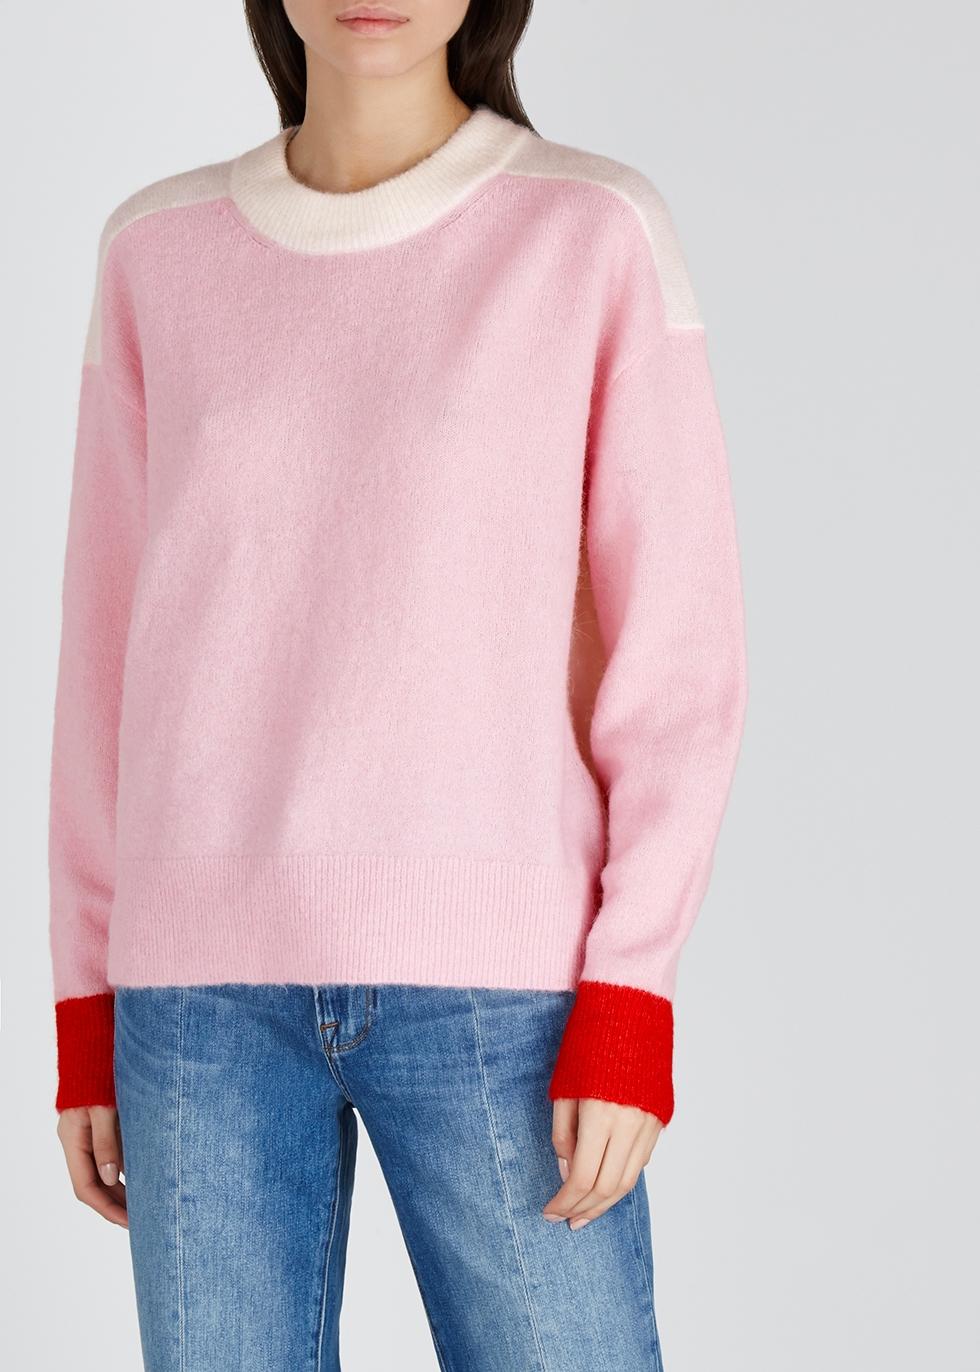 Anour colour-block knitted jumper - Samsøe & Samsøe